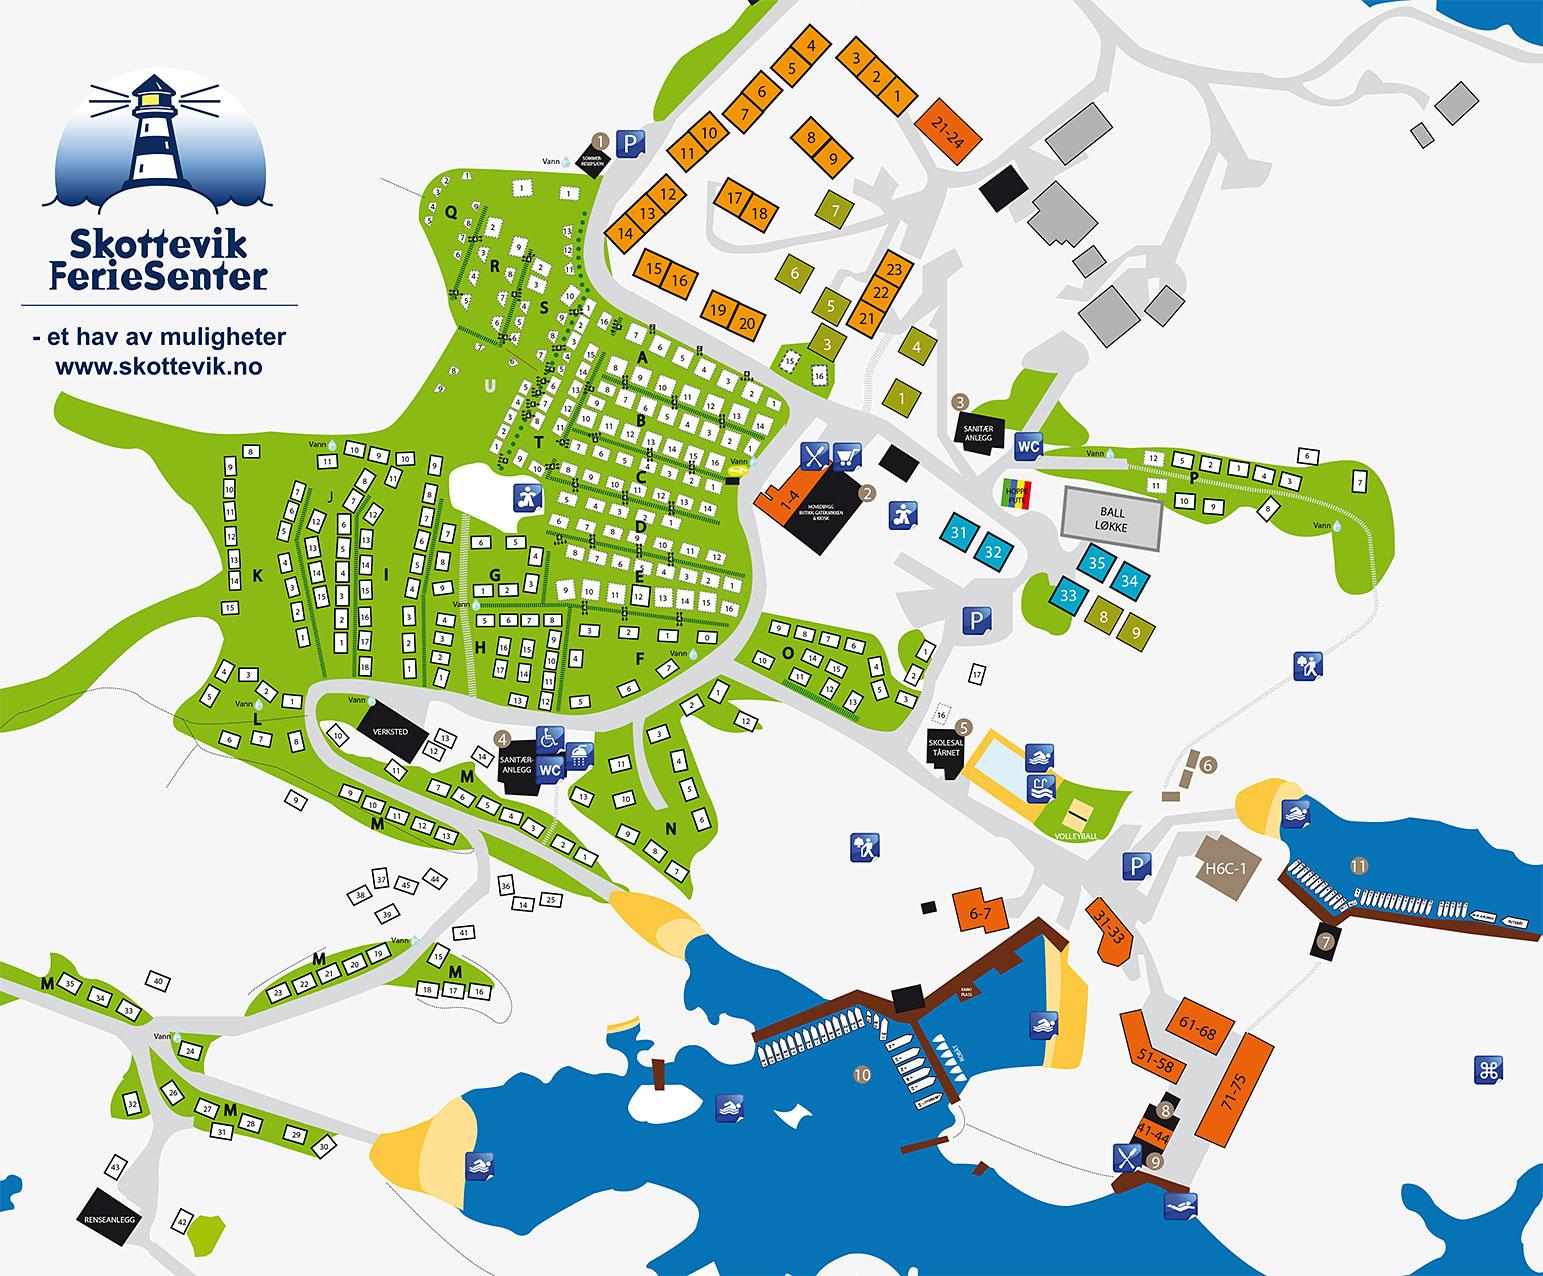 kart over campingplasser Områdekart for Skottevik Feriesenter   last ned merket kart over  kart over campingplasser